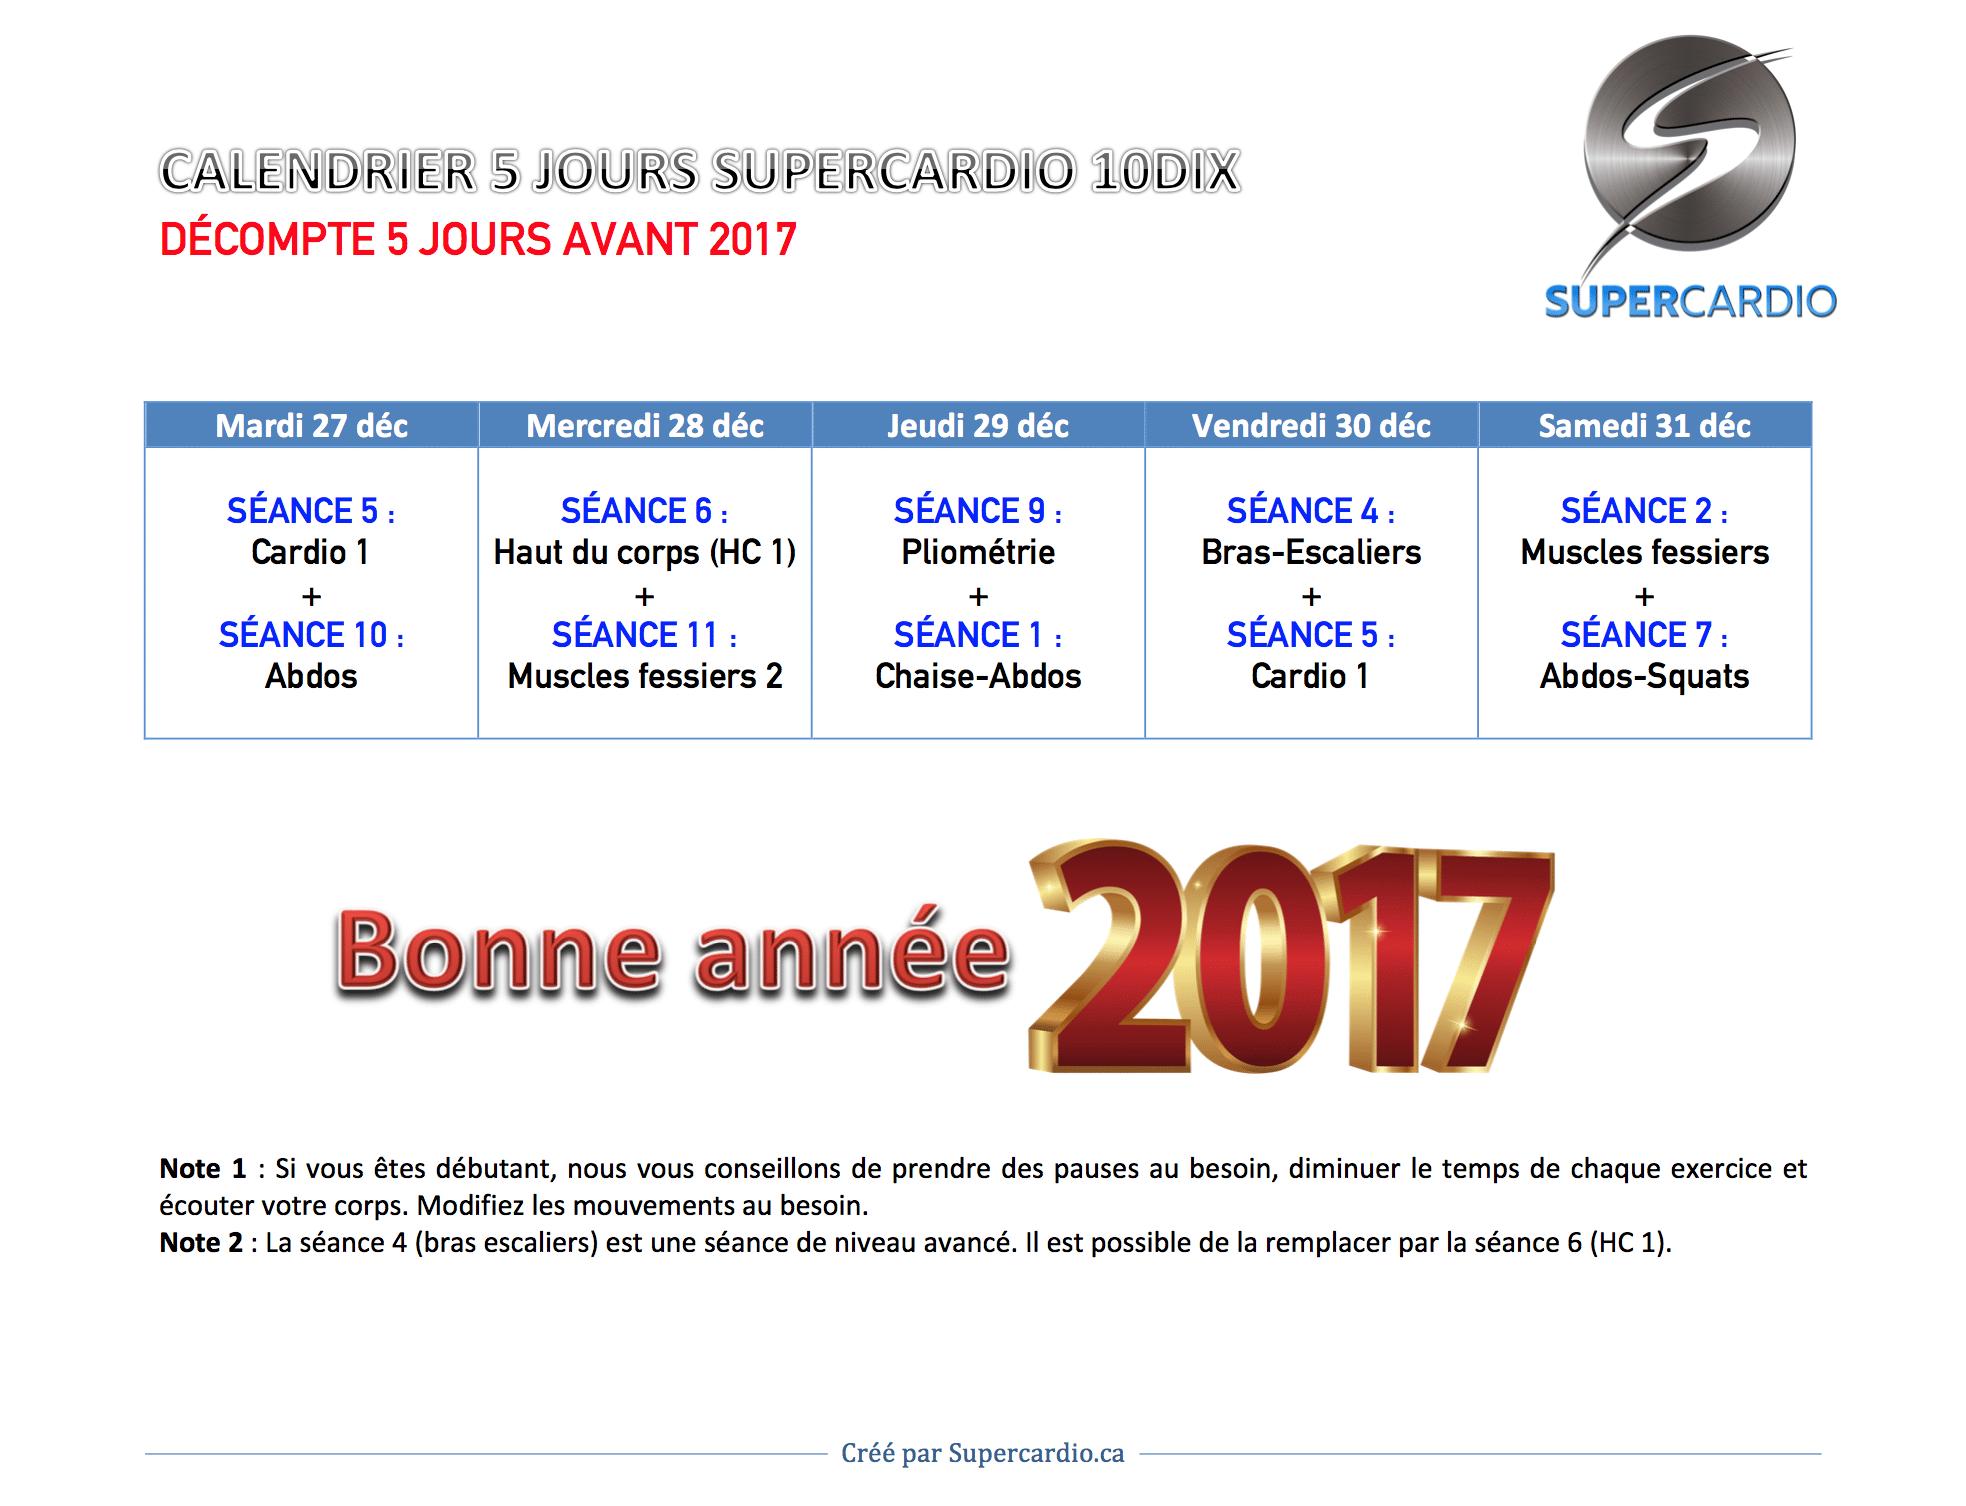 2 options de calendrier d'entrainement : 5 jours décompte 2017